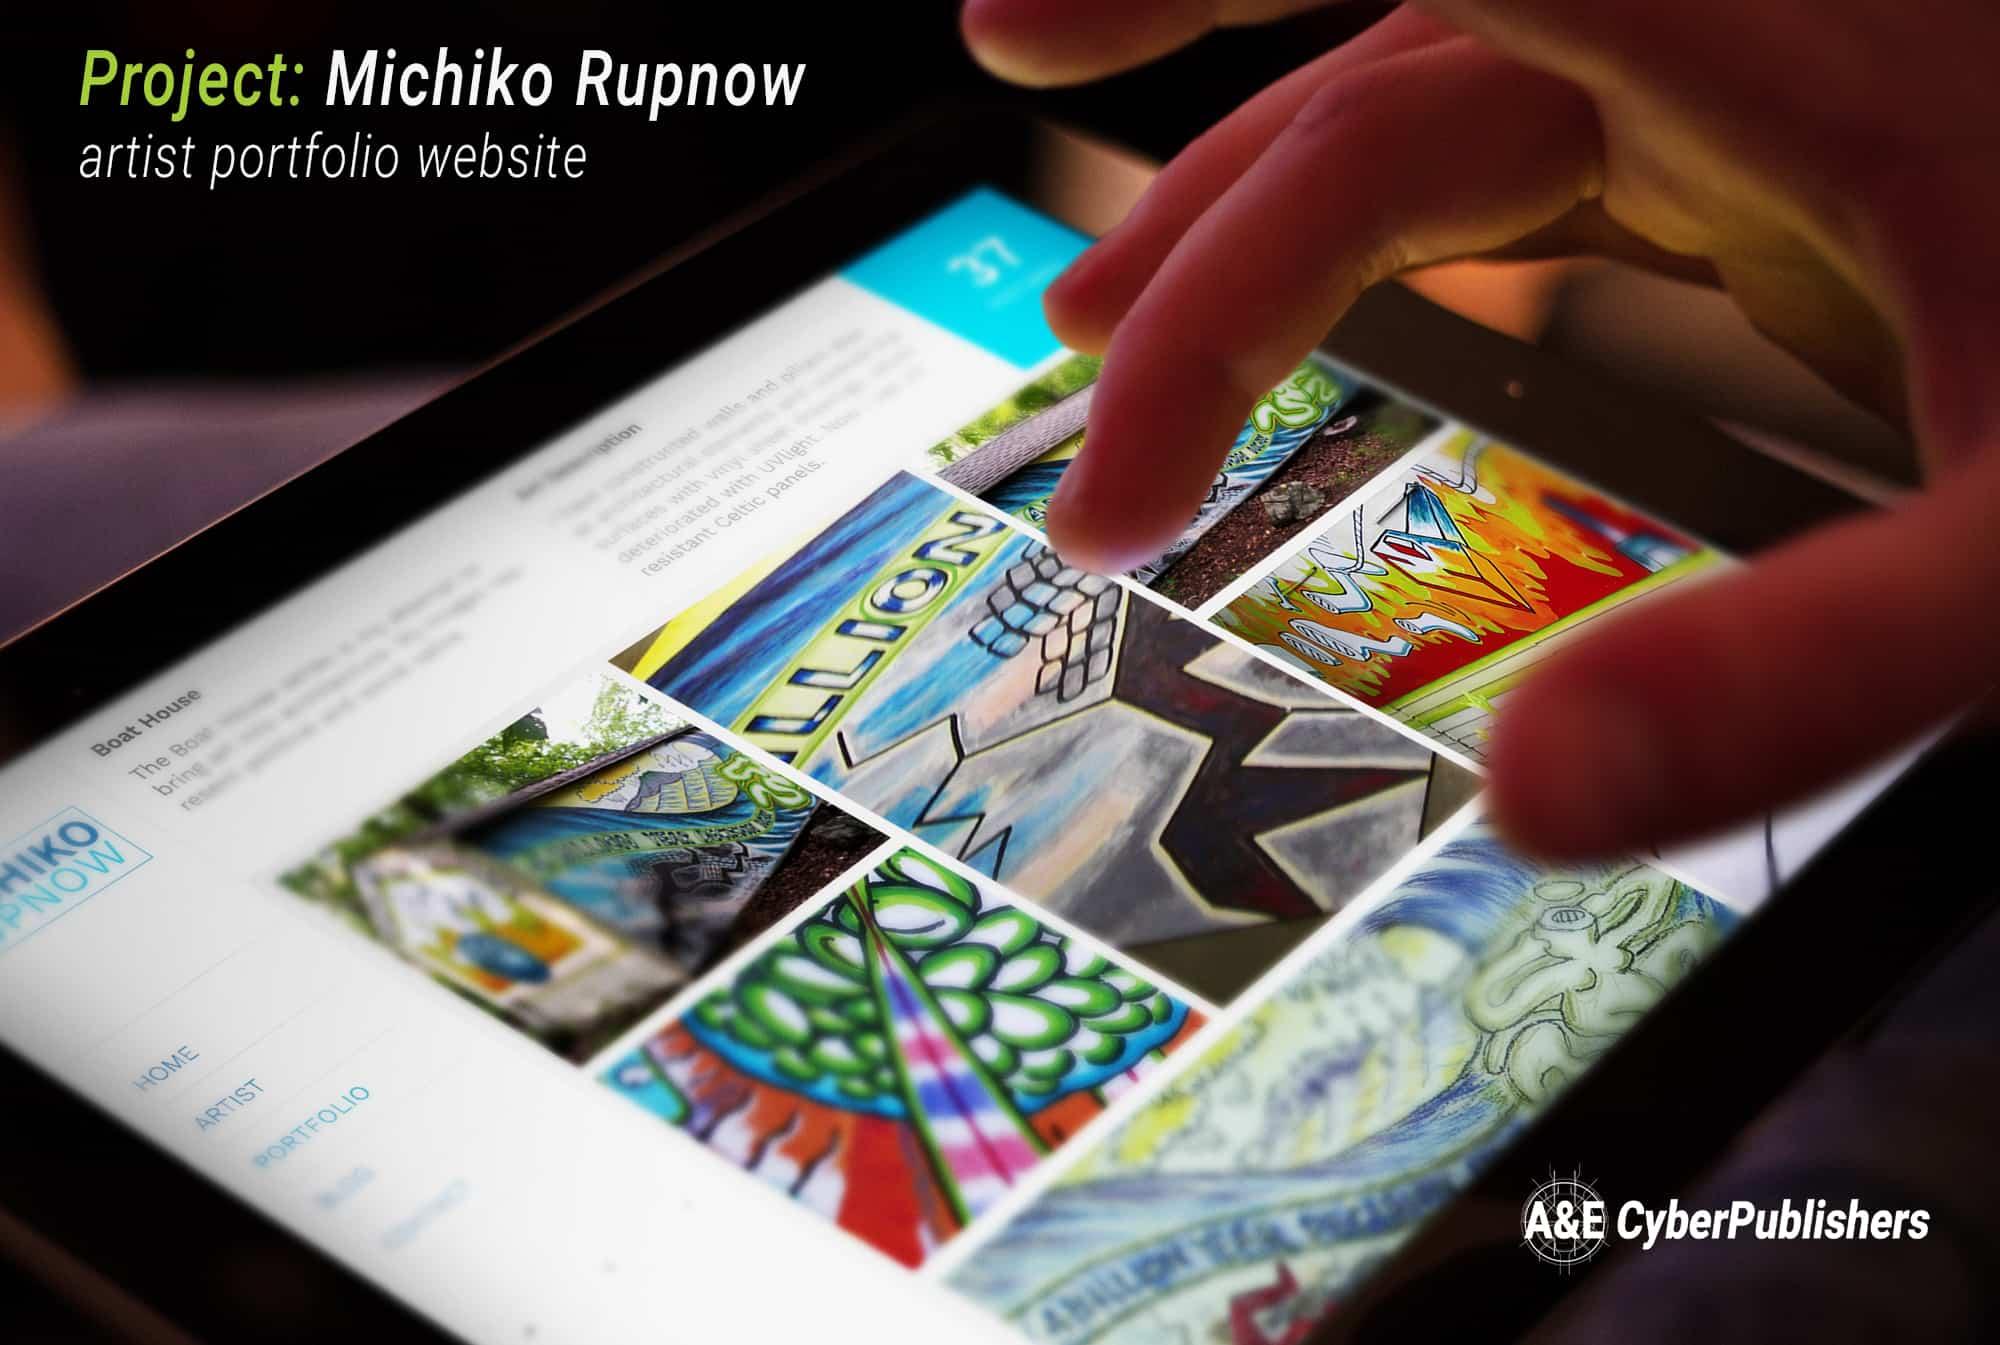 Artist Michiko Rupnow